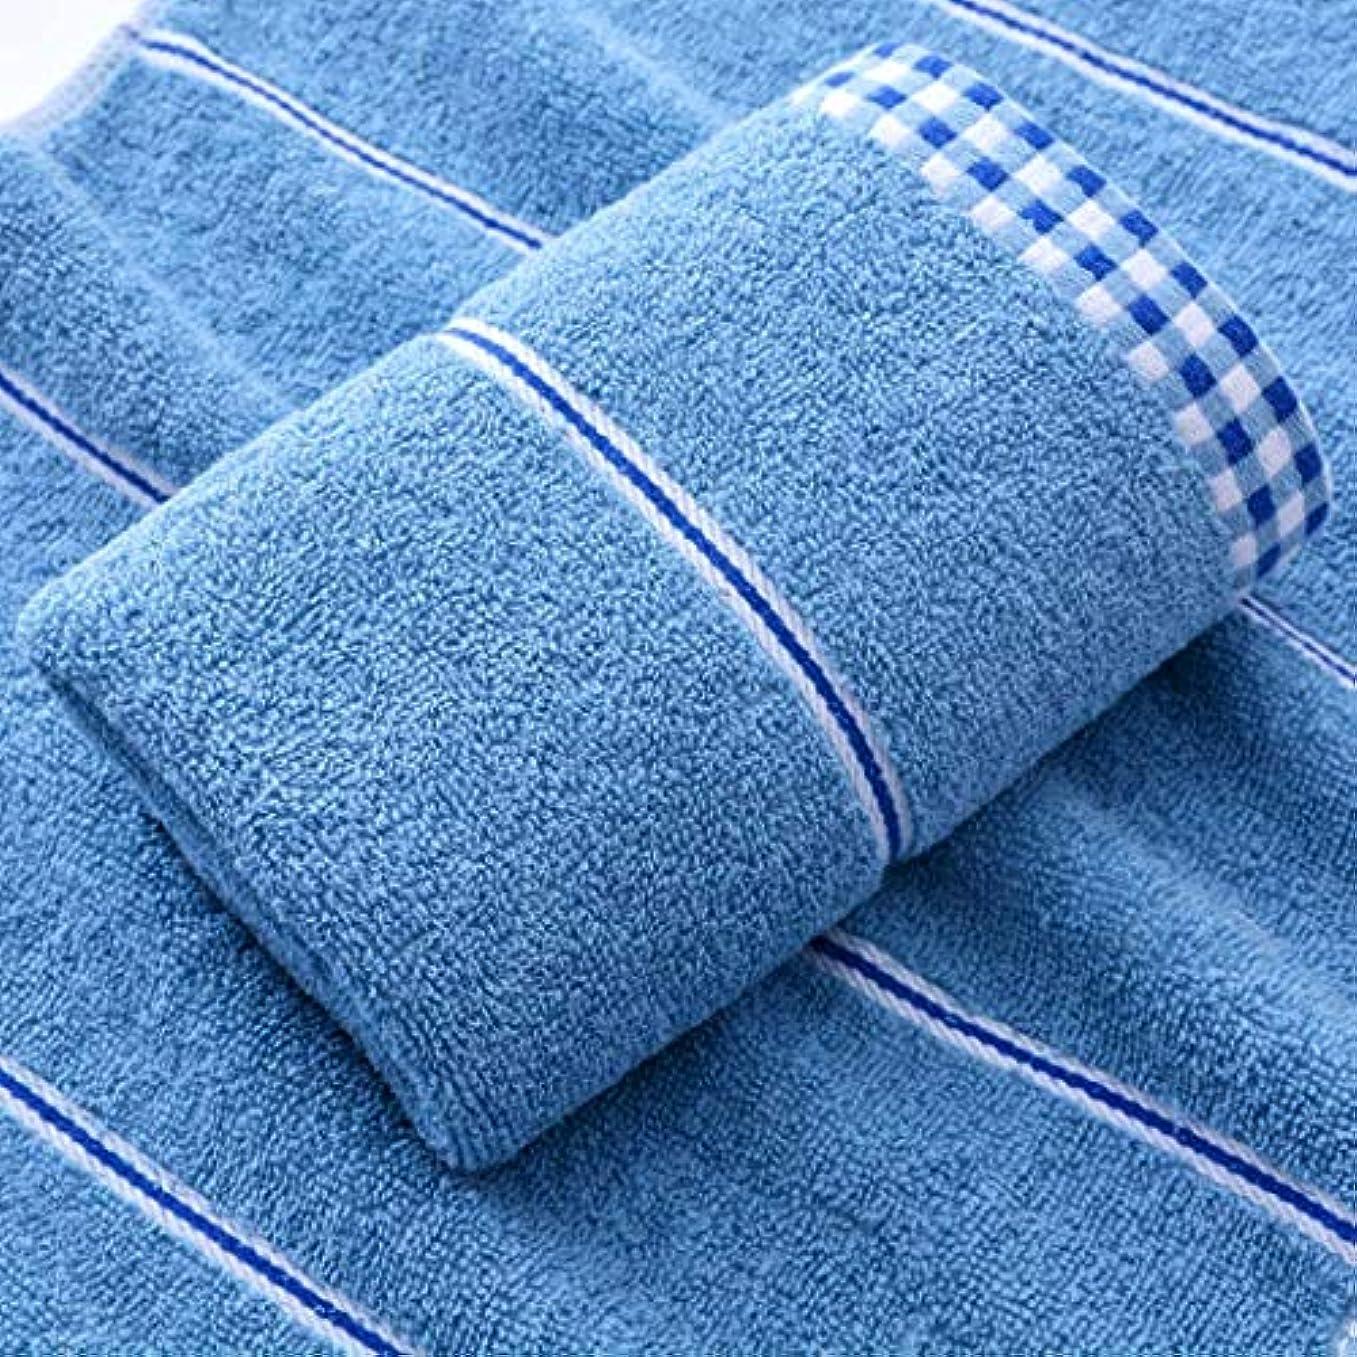 シャープ誰が欲しいですファッション高級スーパーソフトコットンタオルと速乾性タオル,Blue,33*73cm